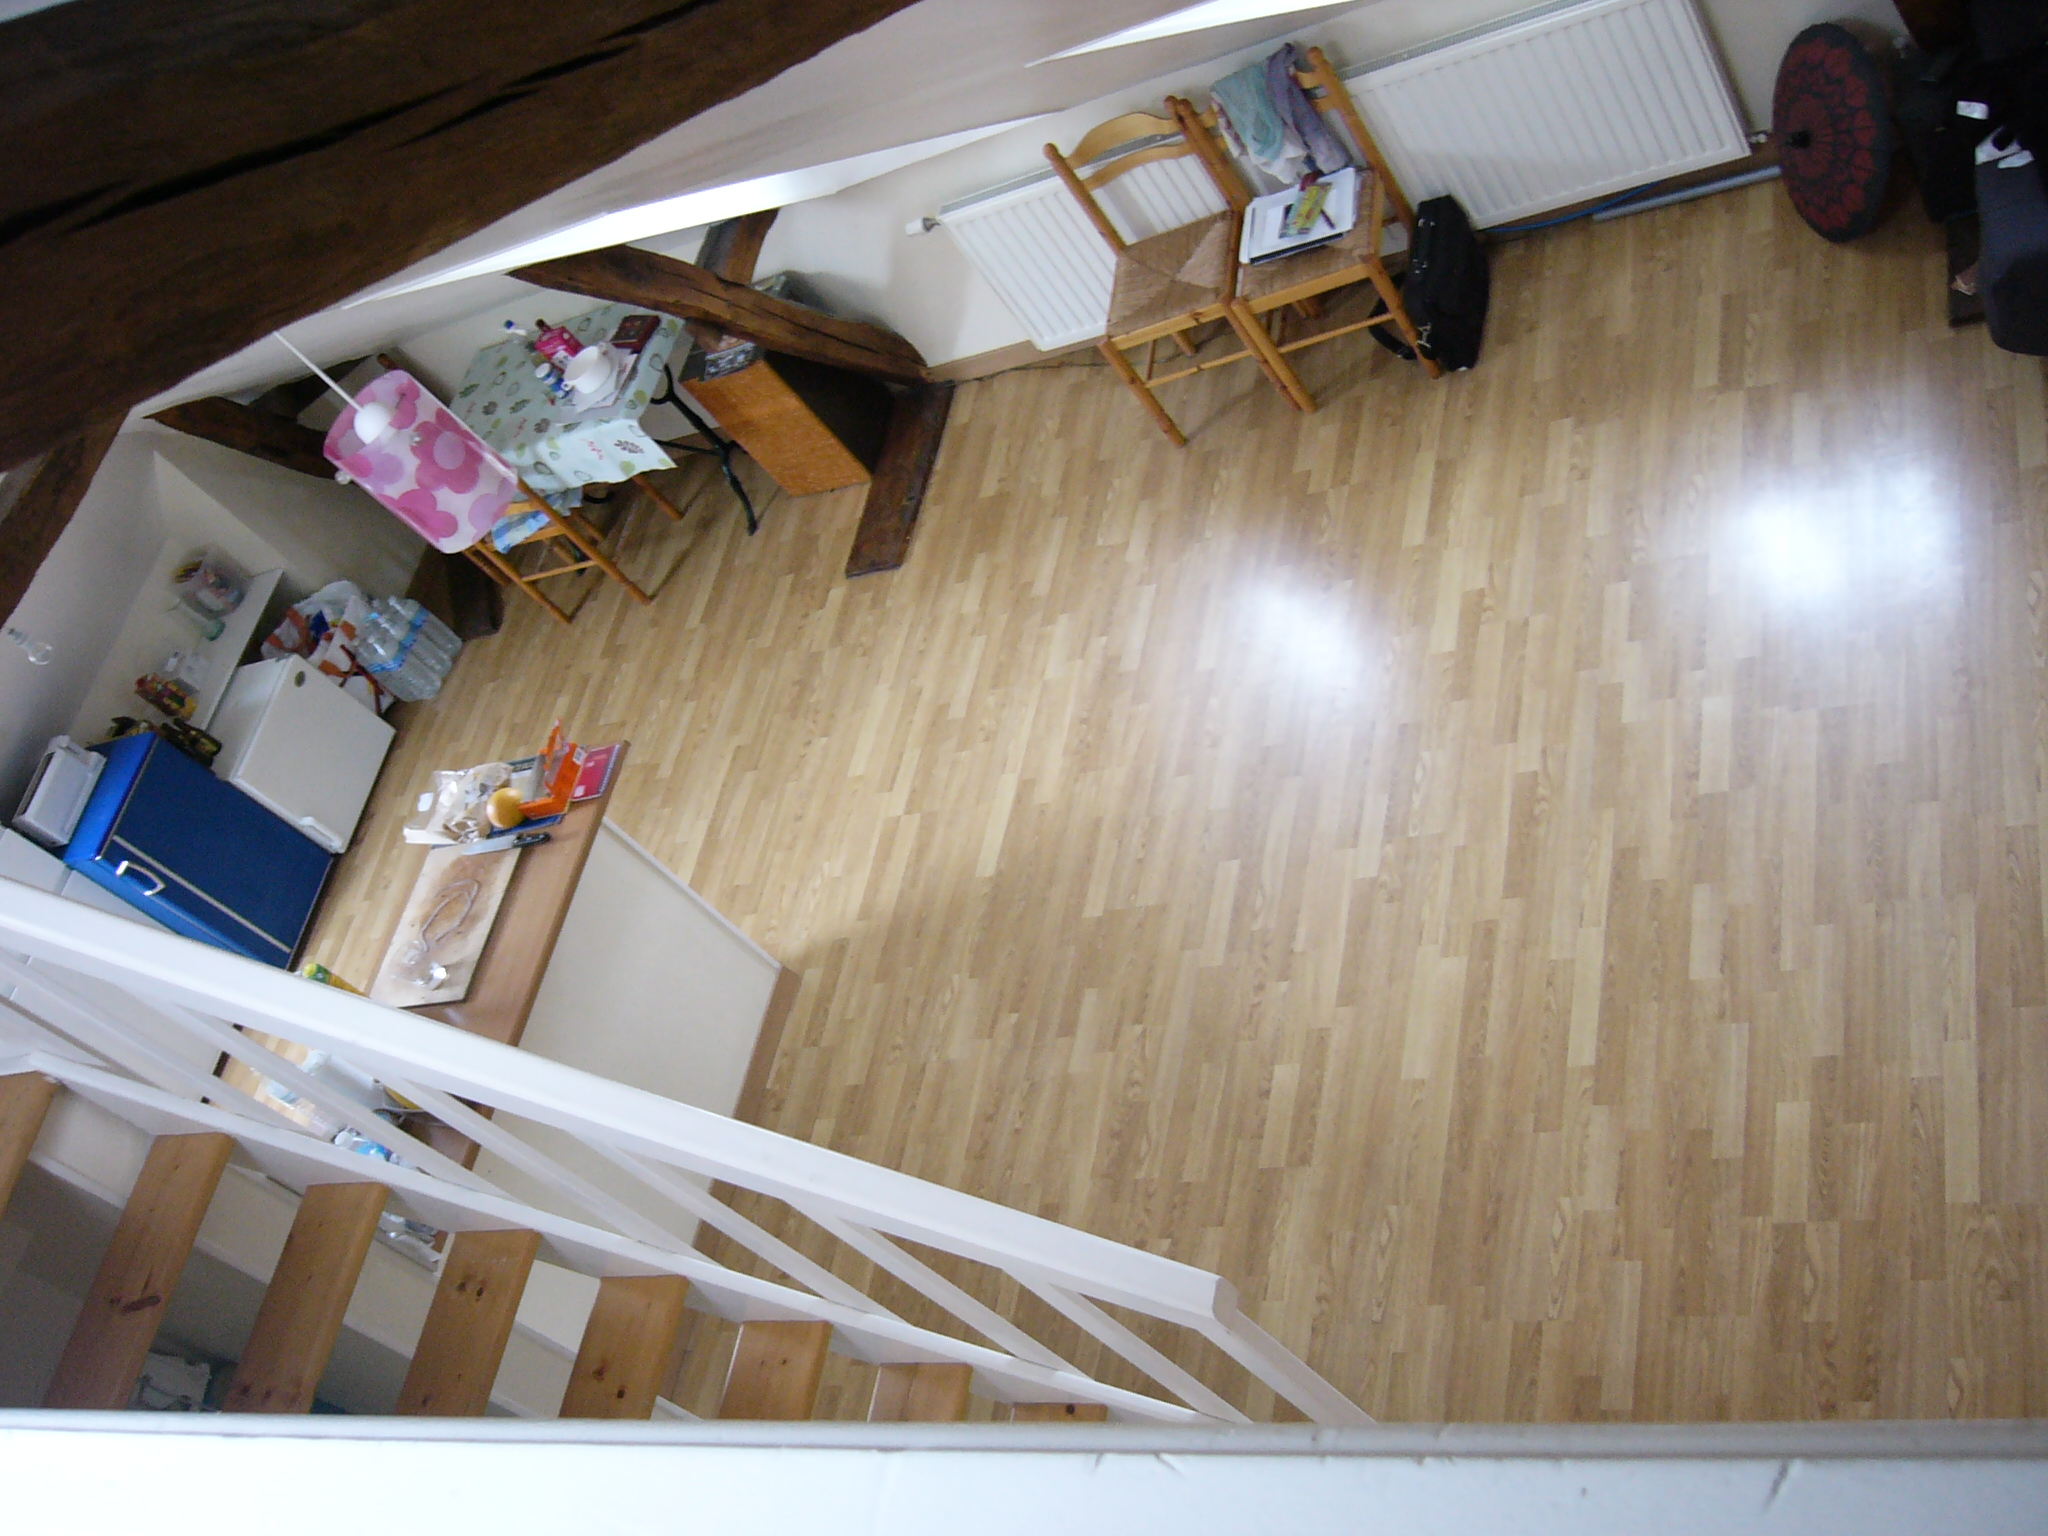 piste Dnano maison démontable 1203151001411464839582159